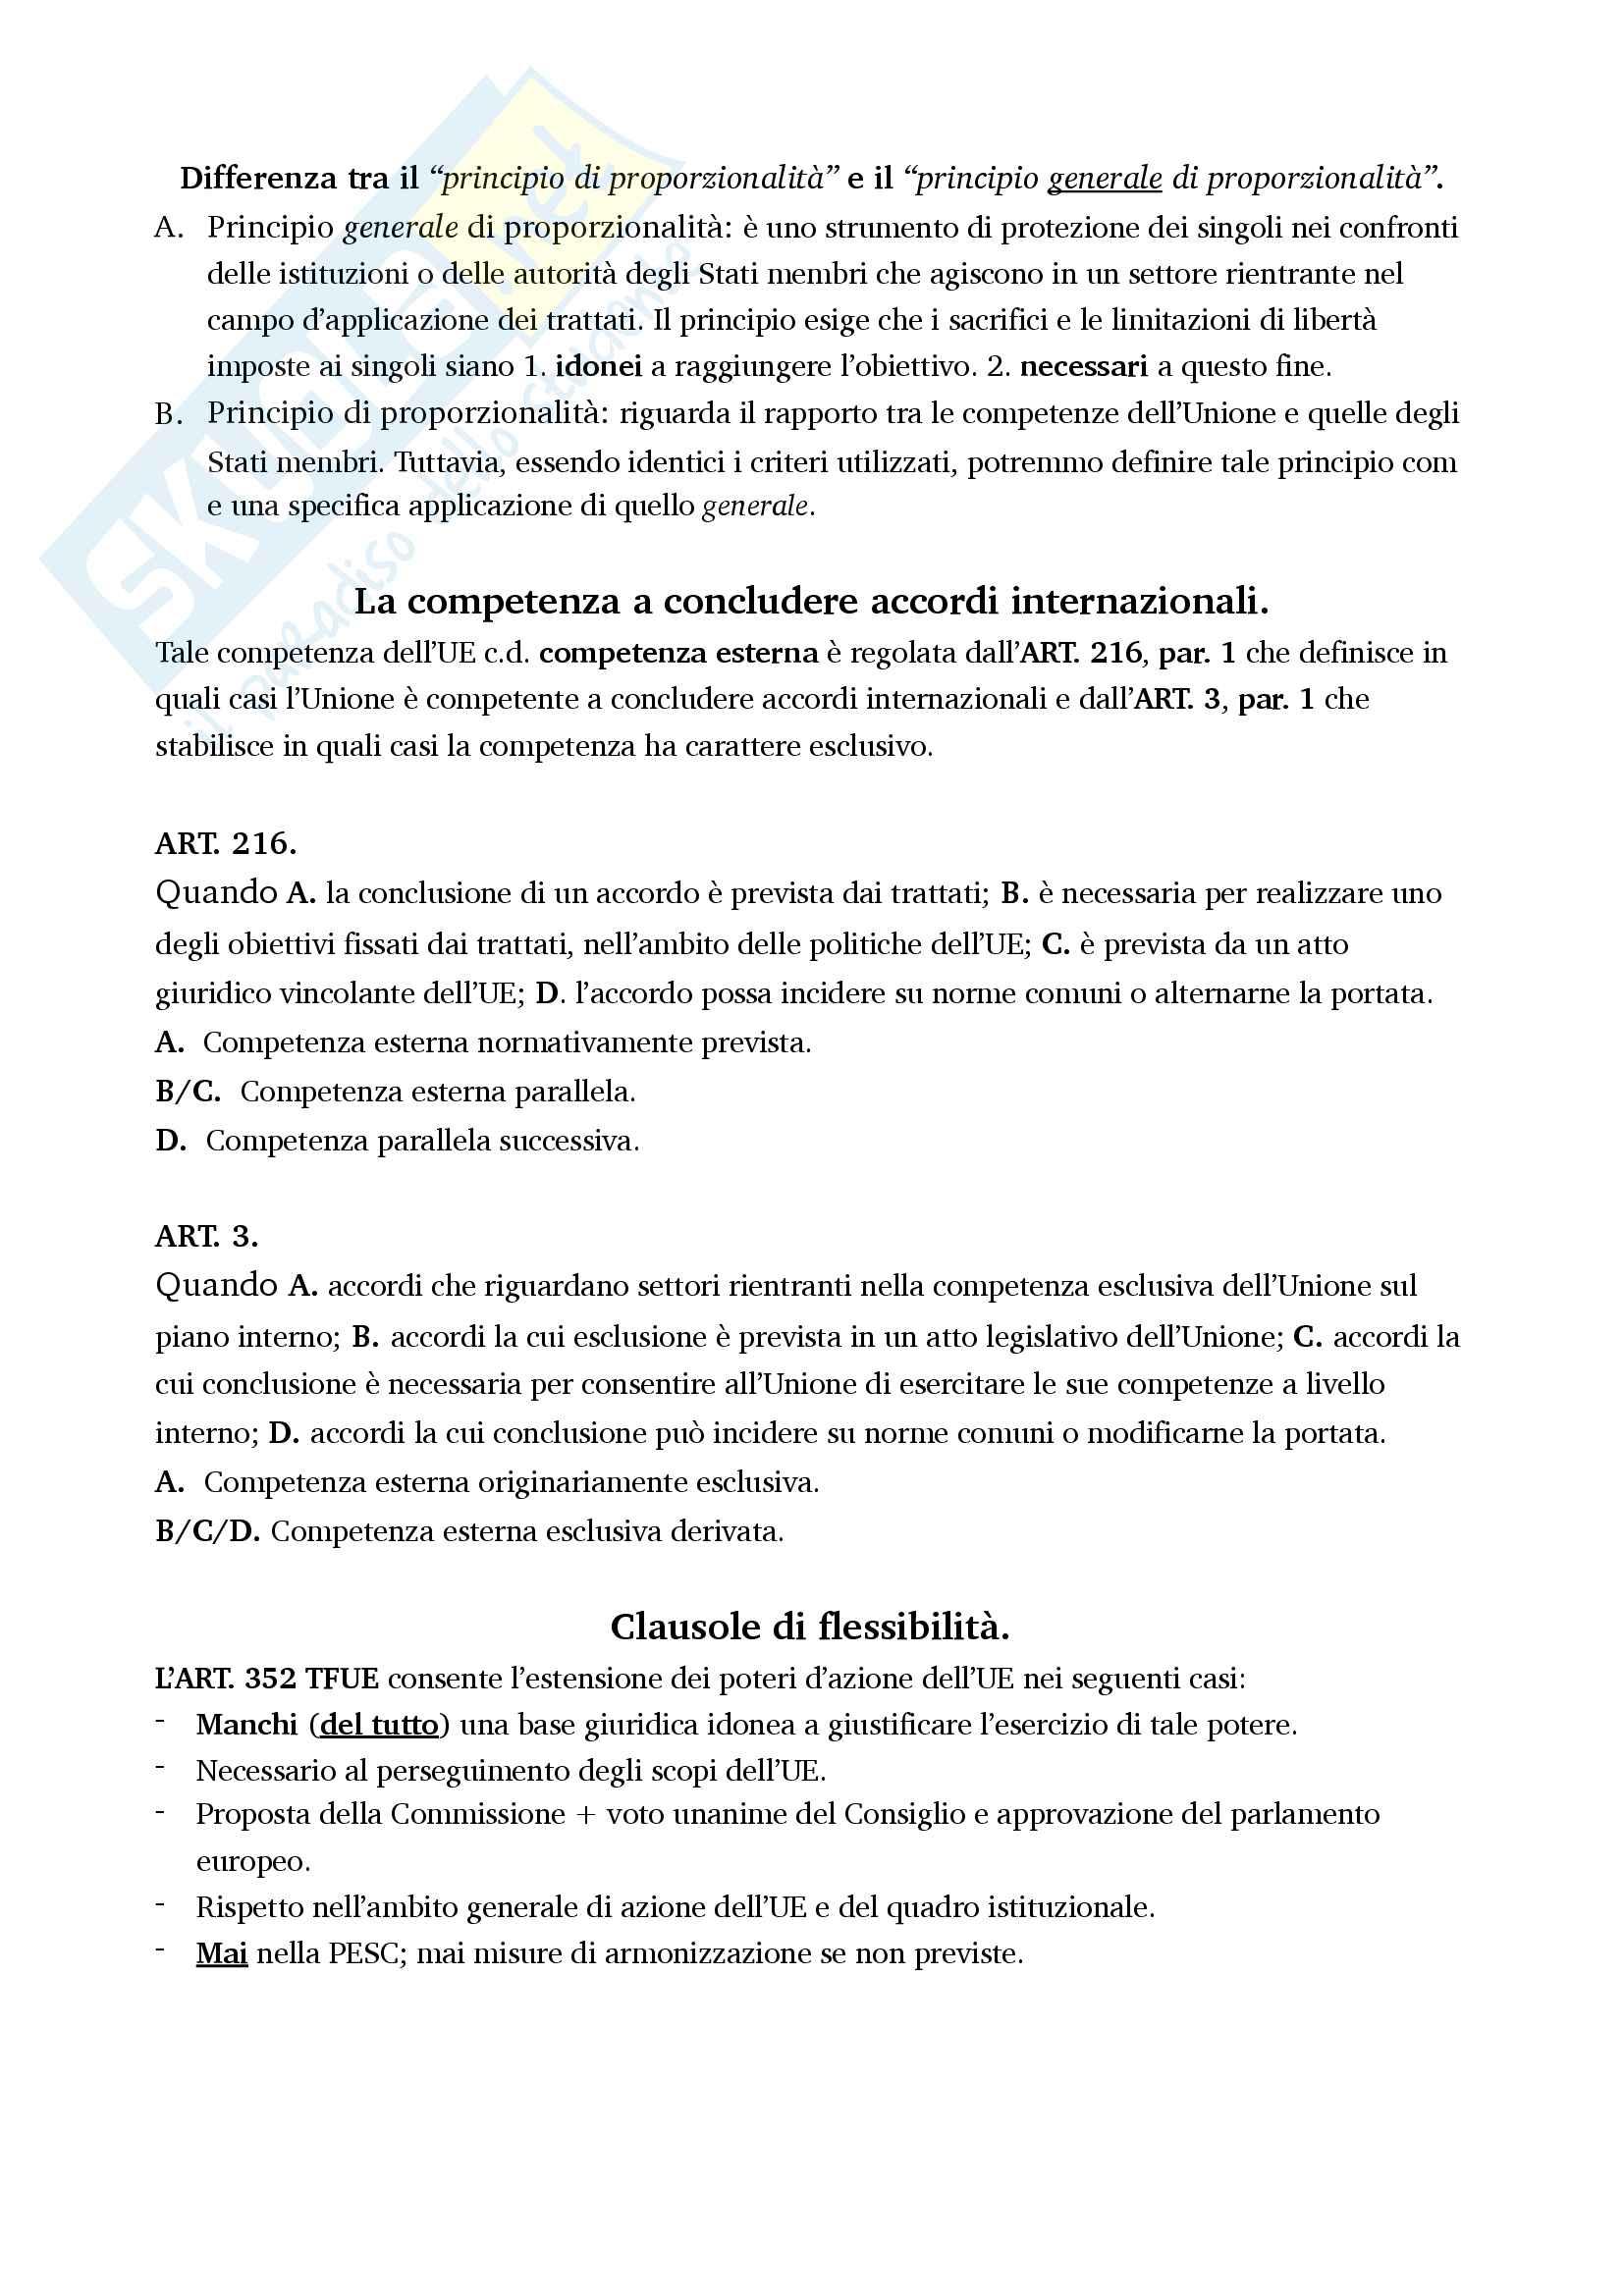 Riassunto esame di Diritto dell'Unione Europea Pag. 36